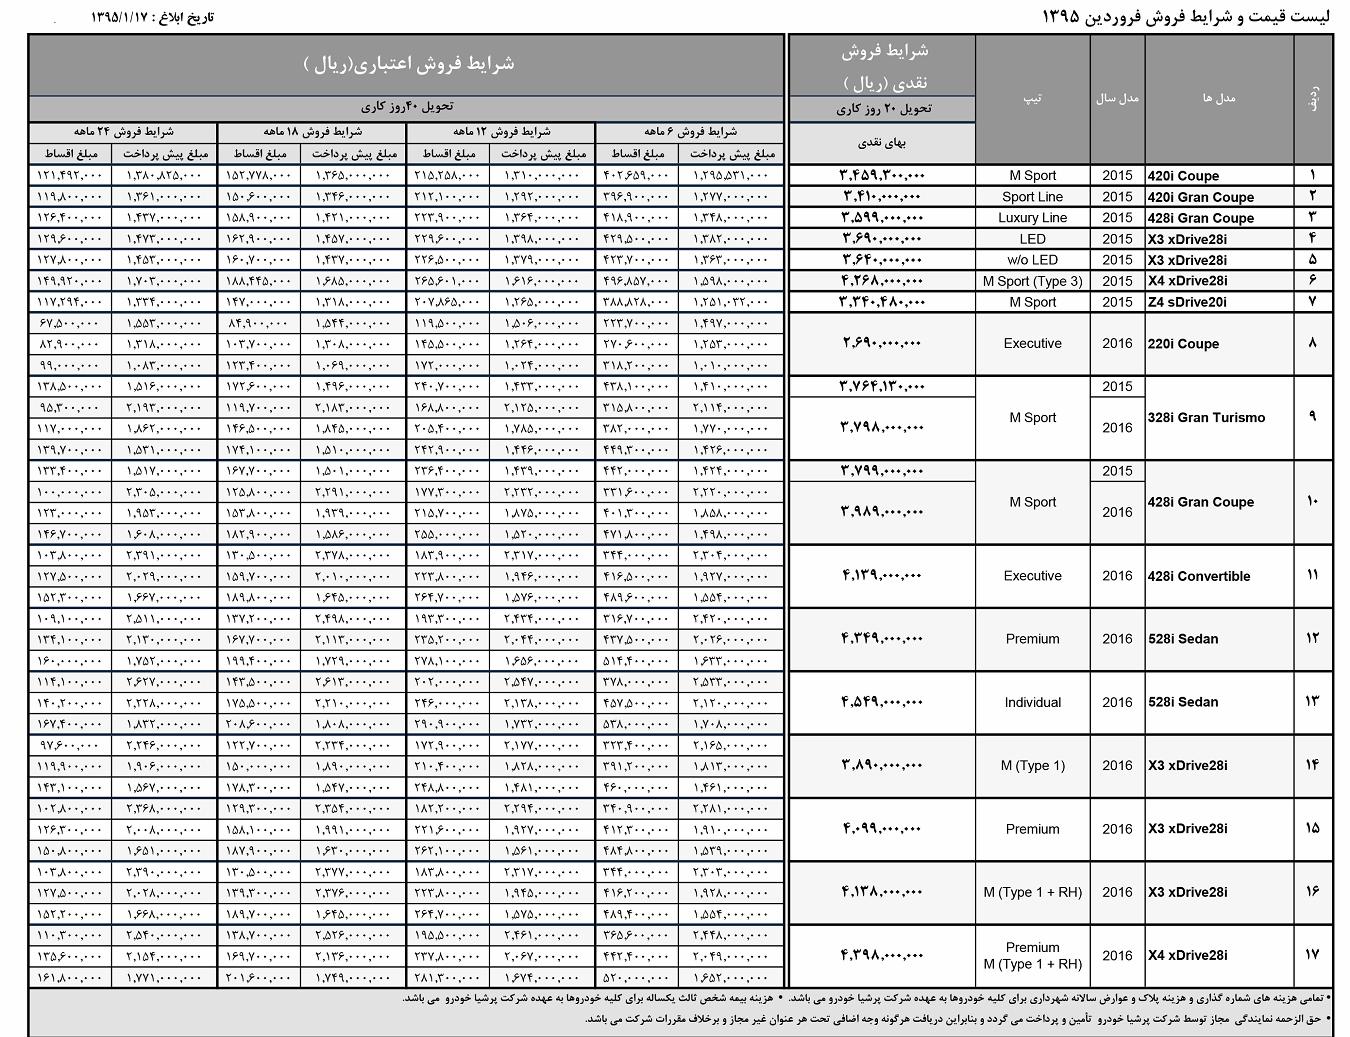 لیست قیمت محصولات BMW - فروردین 95